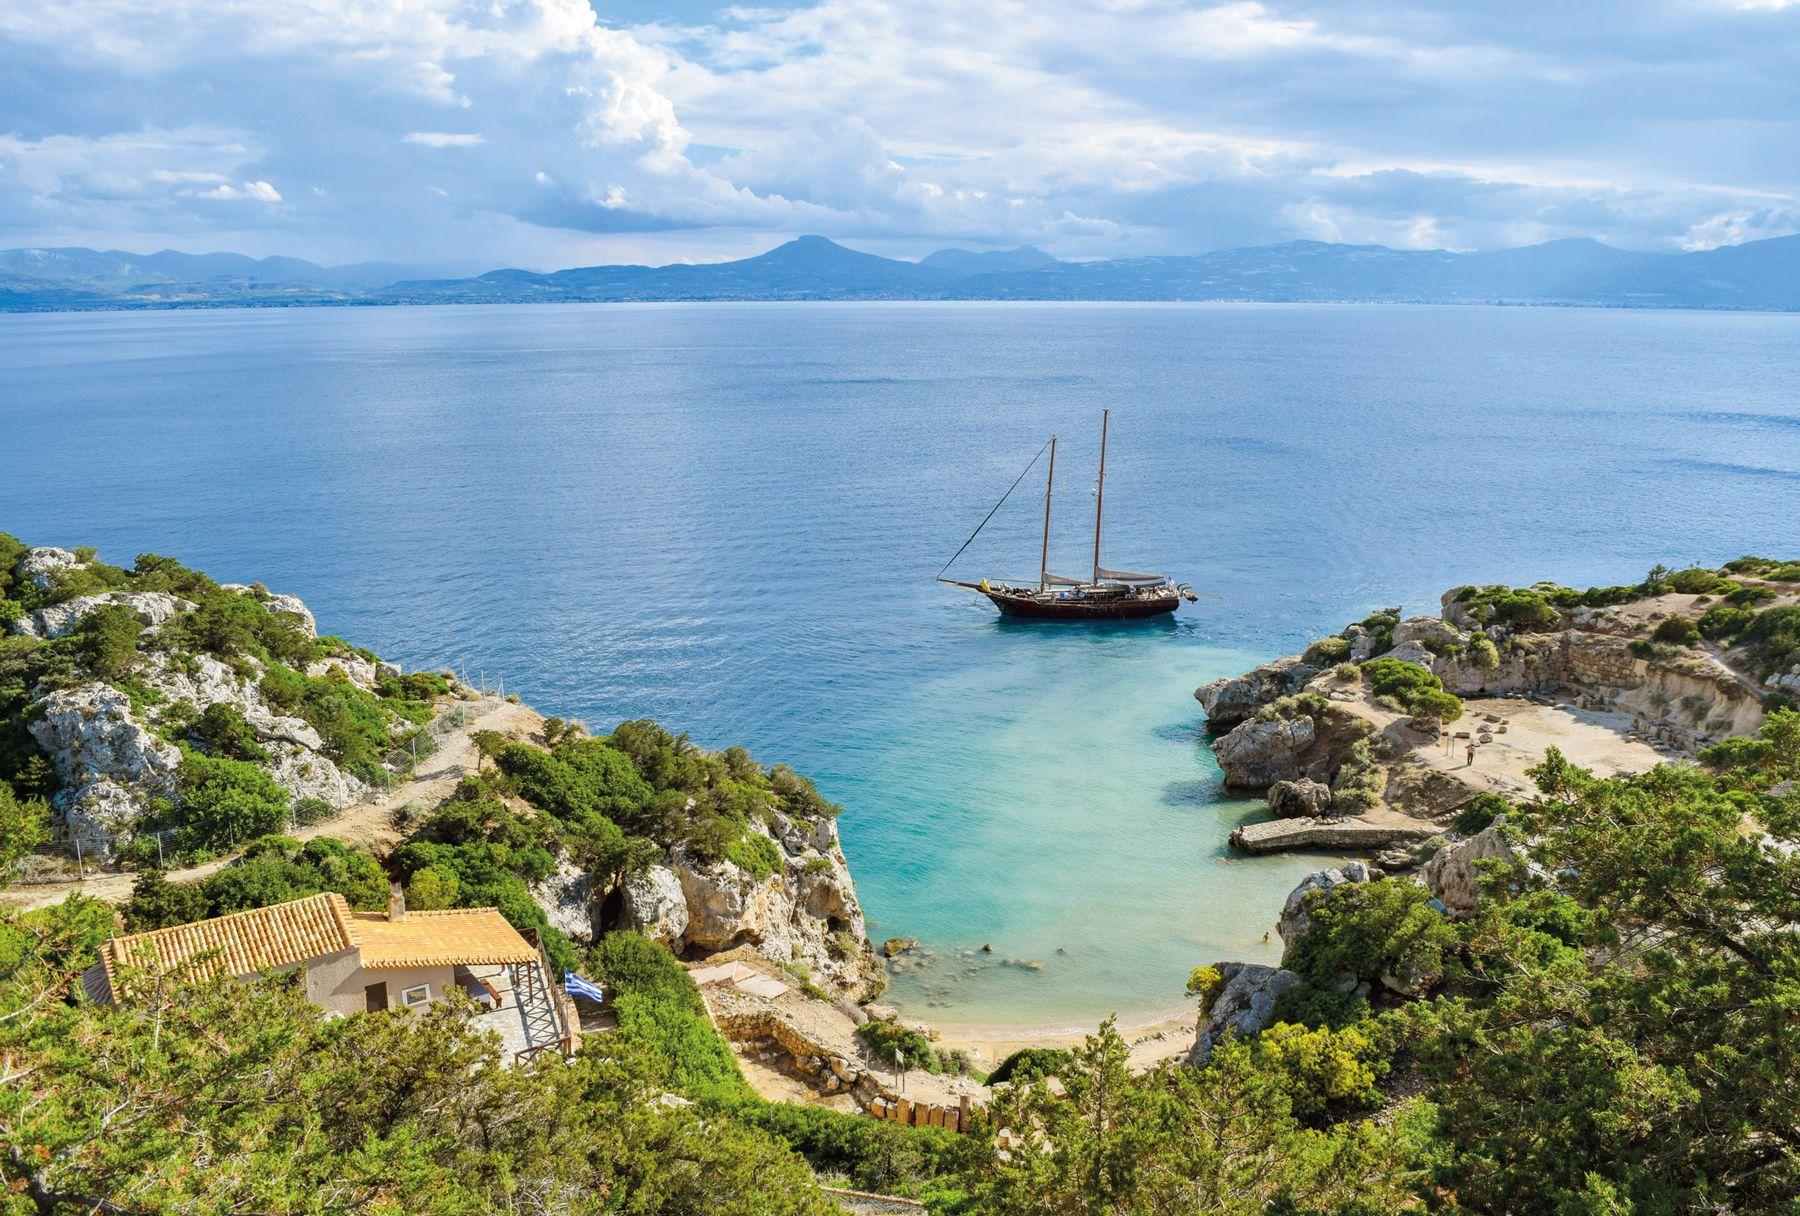 Griechenland Peleponnes Olympia Segelyacht in kleinen Bucht iStock910633702 web